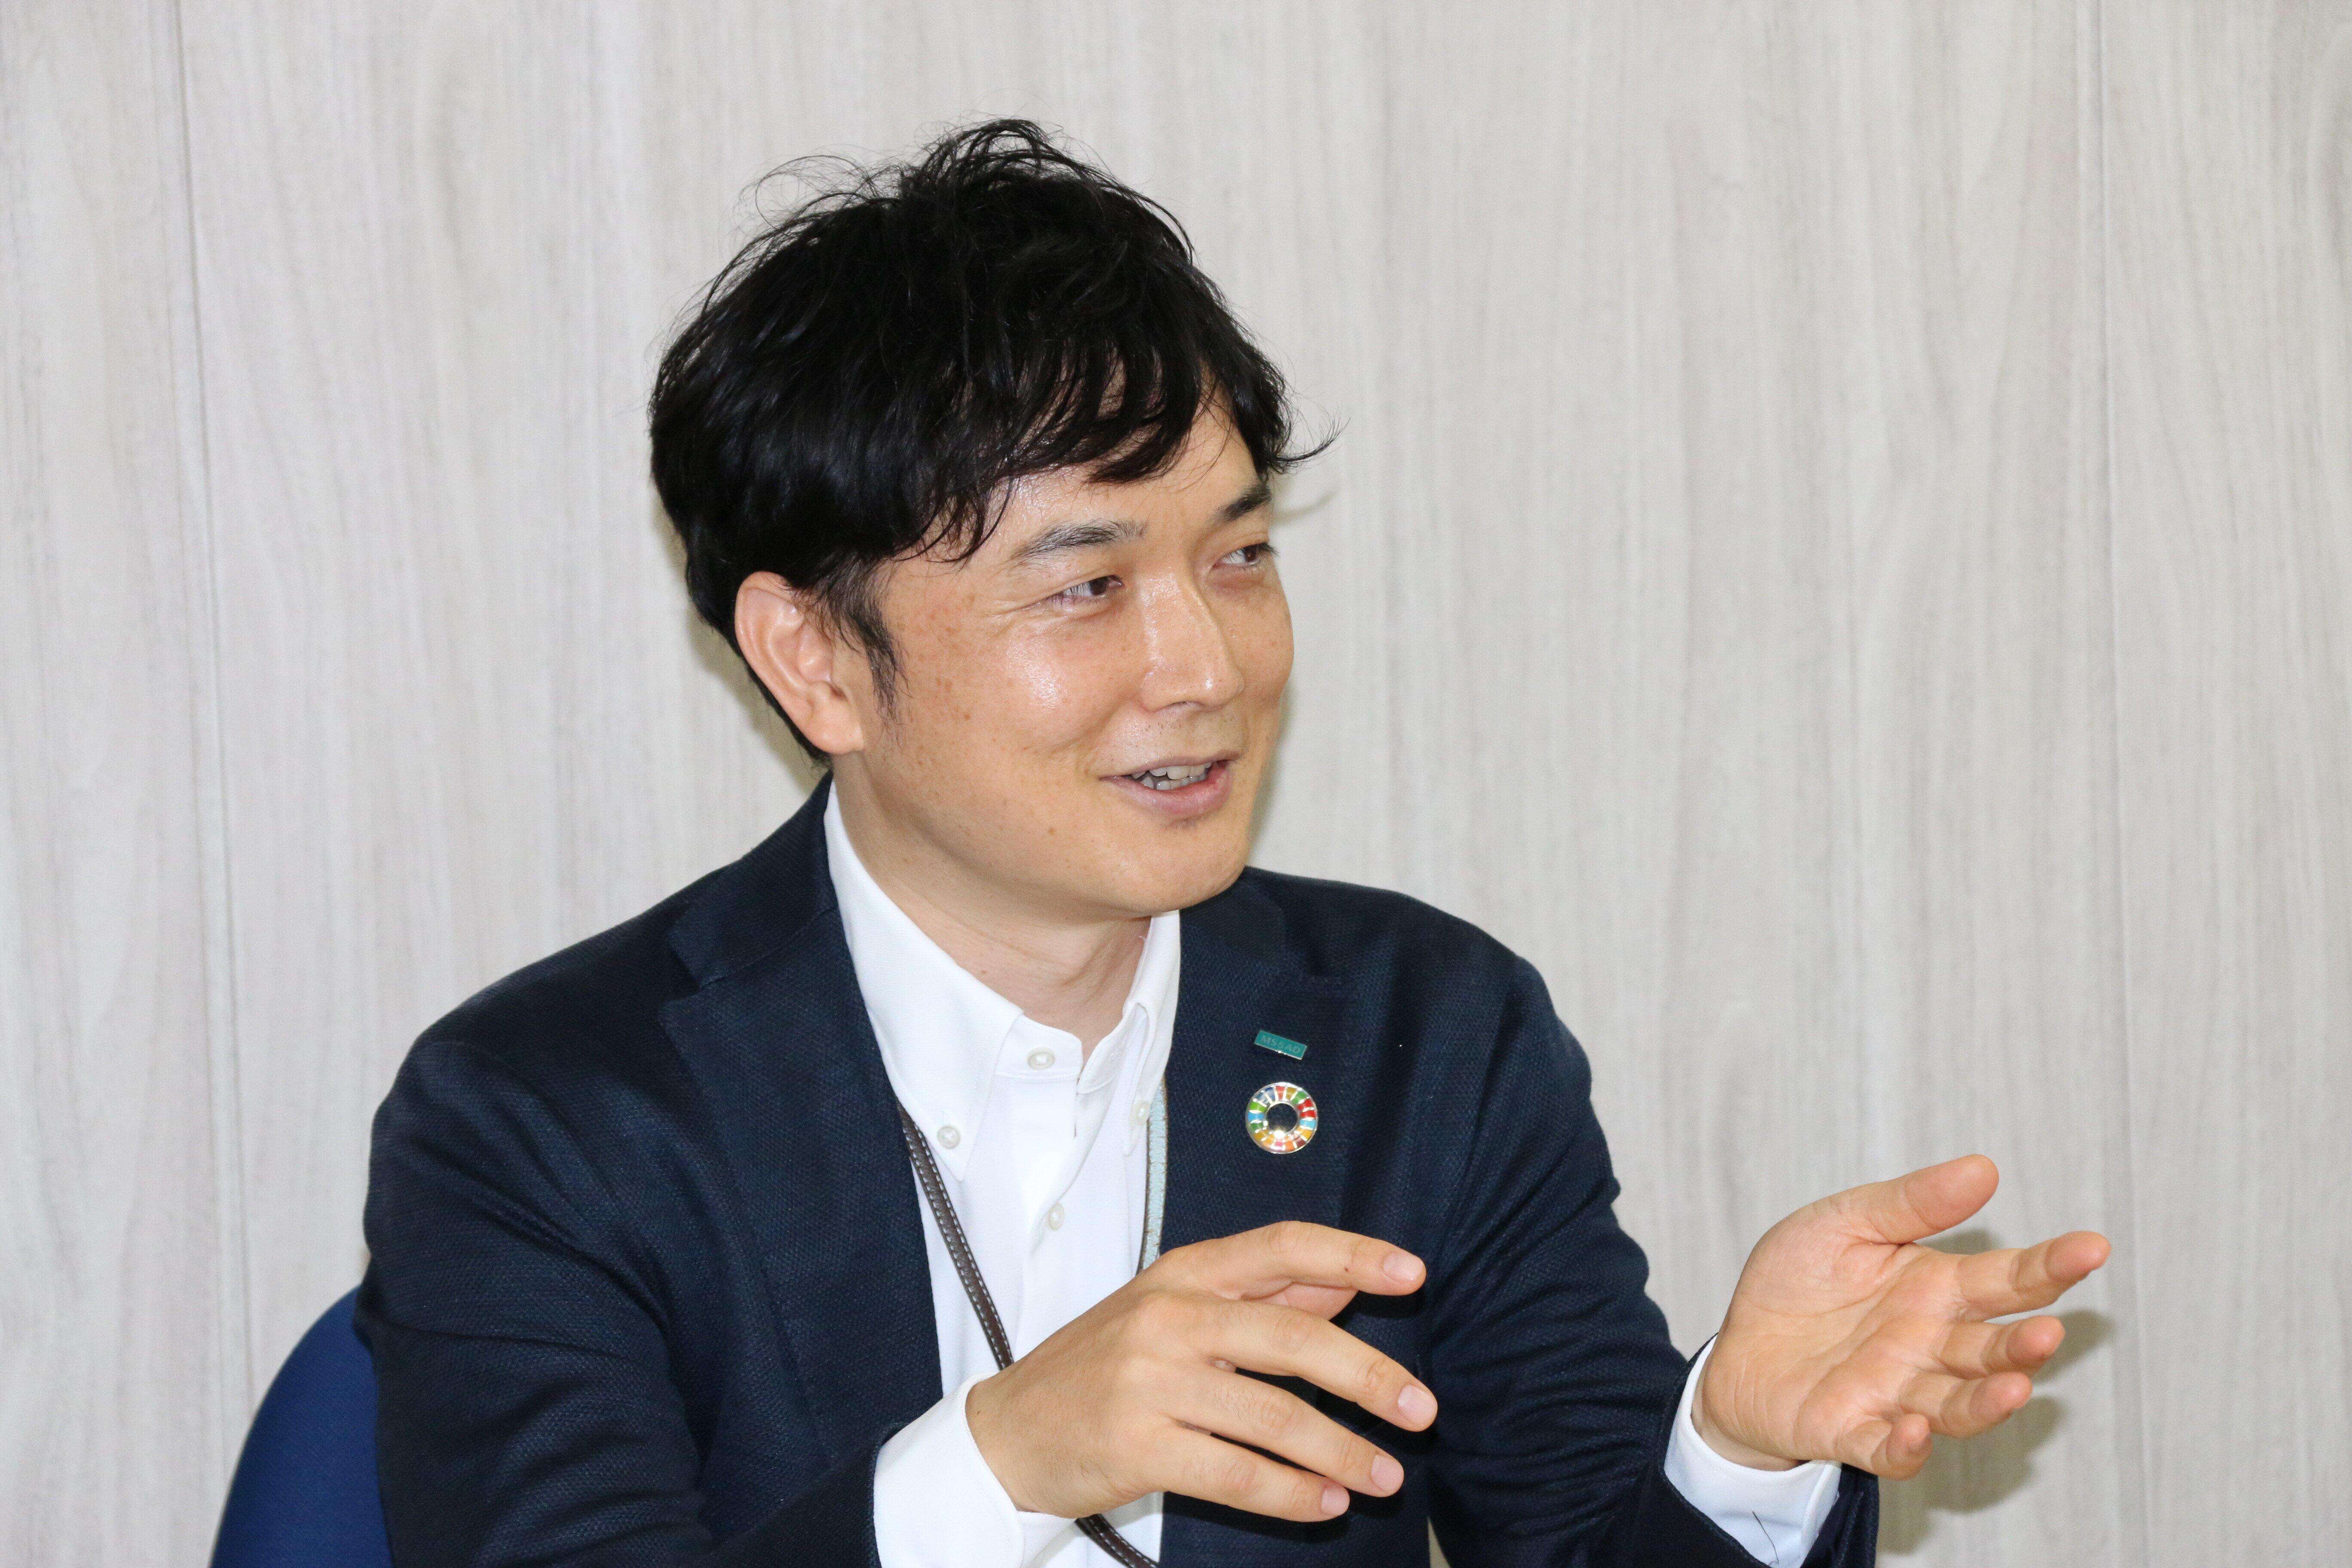 大塚さんは「お客様、寄付先、当社の『三方よし』の社会貢献の仕組み」という